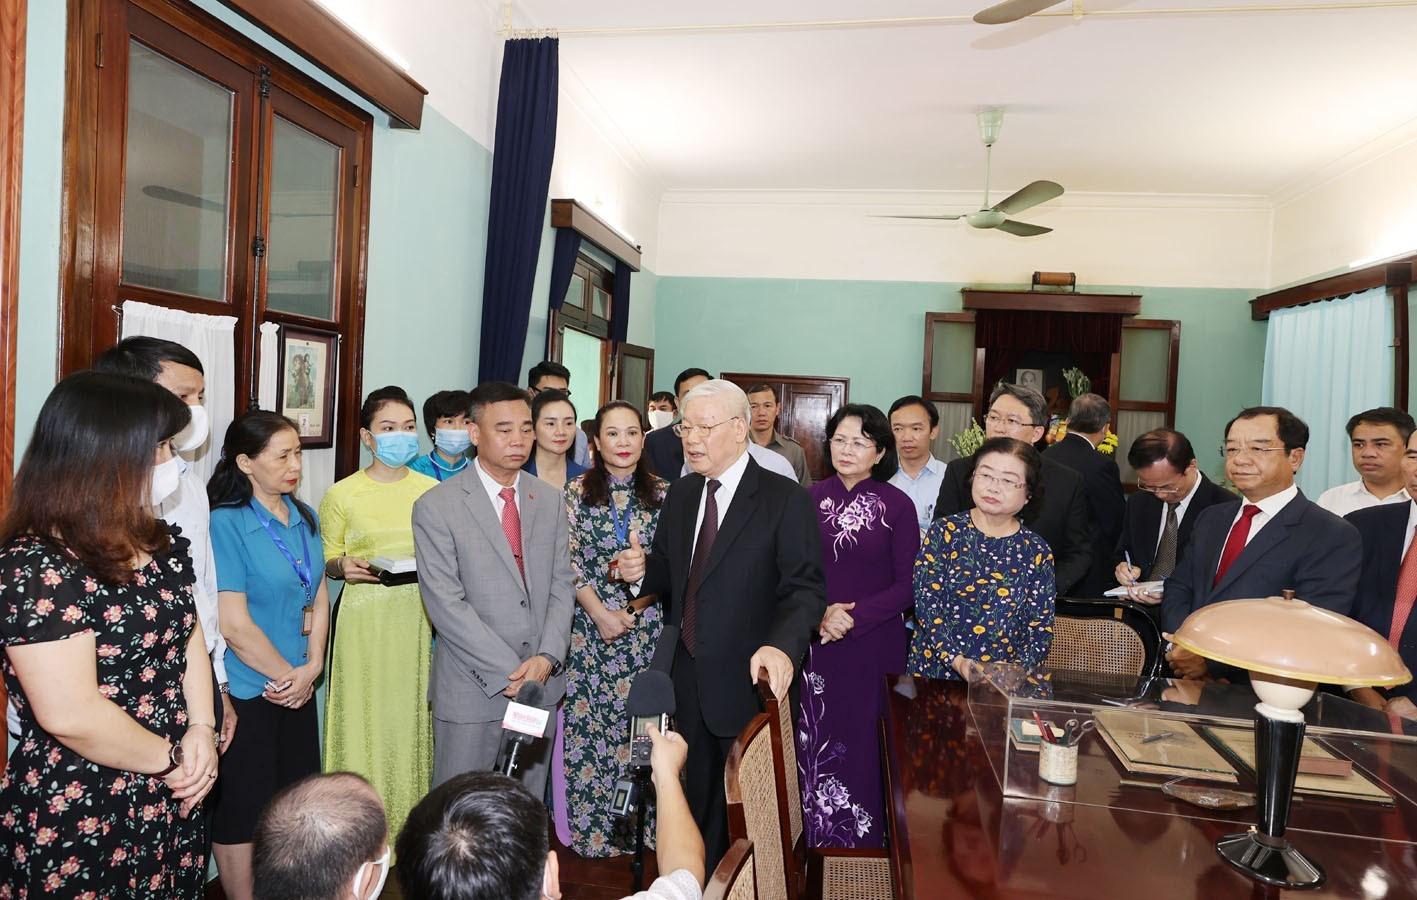 Tổng Bí thư, Chủ tịch nước Nguyễn Phú Trọng dâng hương tưởng niệm Chủ tịch Hồ Chí Minh - Ảnh 3.